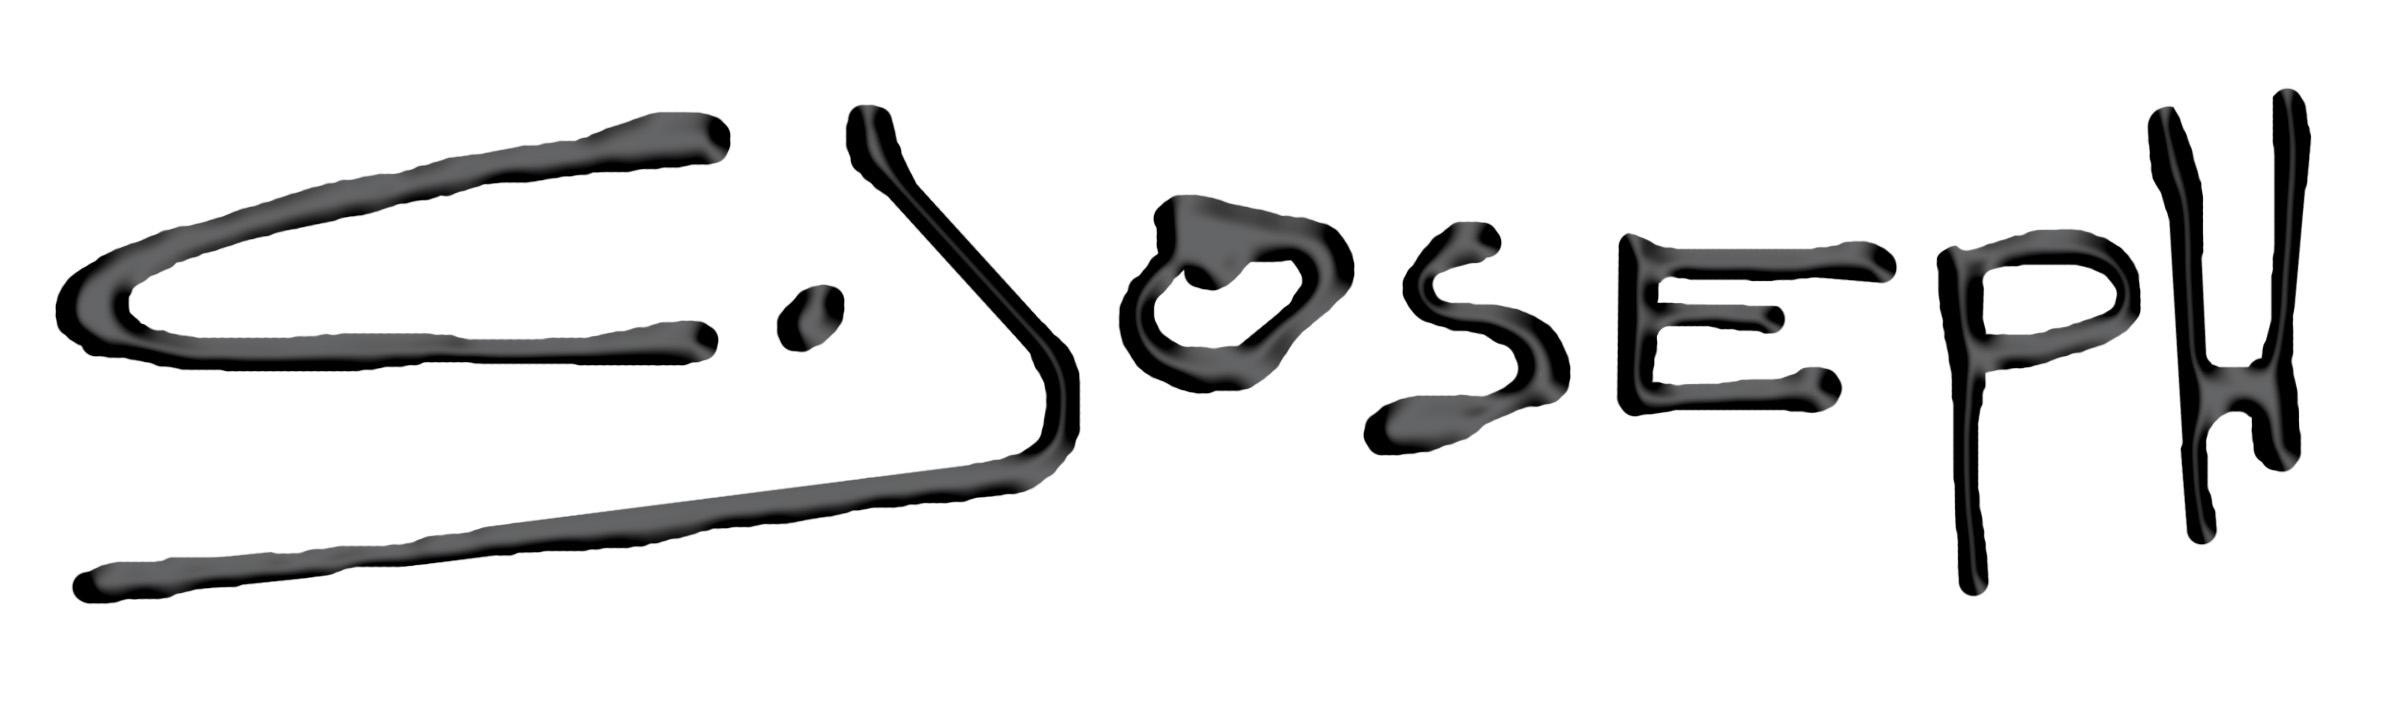 CJoseph ART's Signature